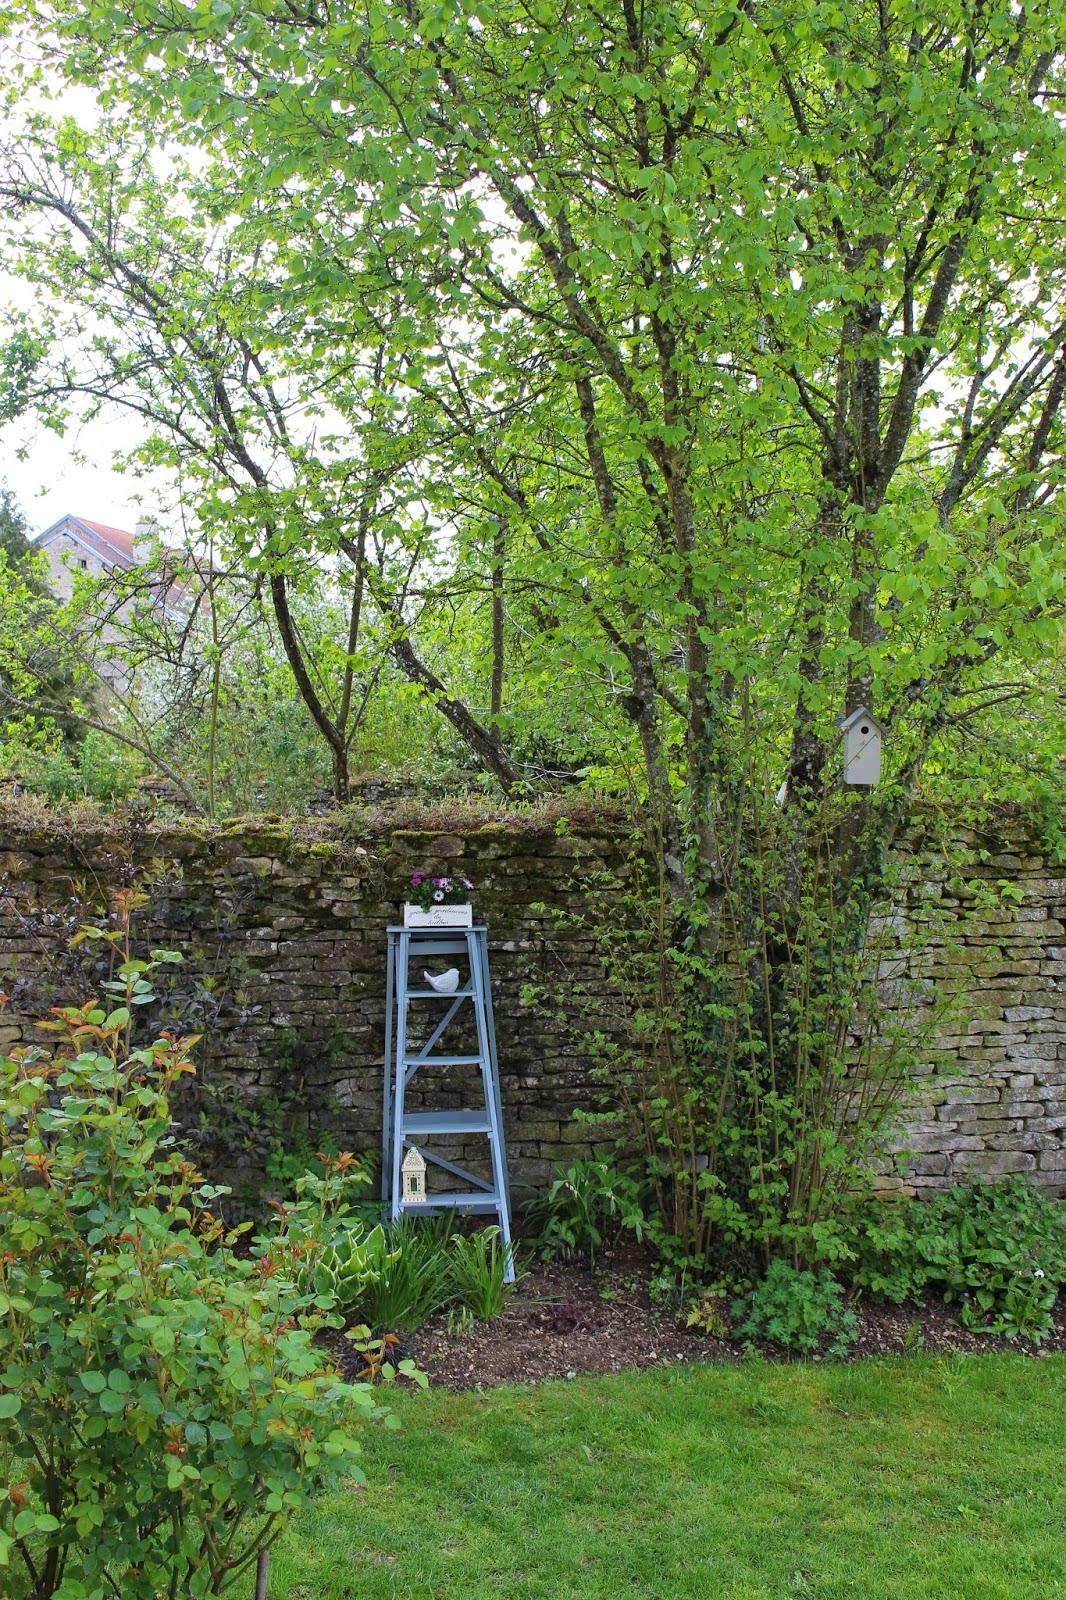 Notre jardin secret d co et vie du jardin - Deco du jardin ...